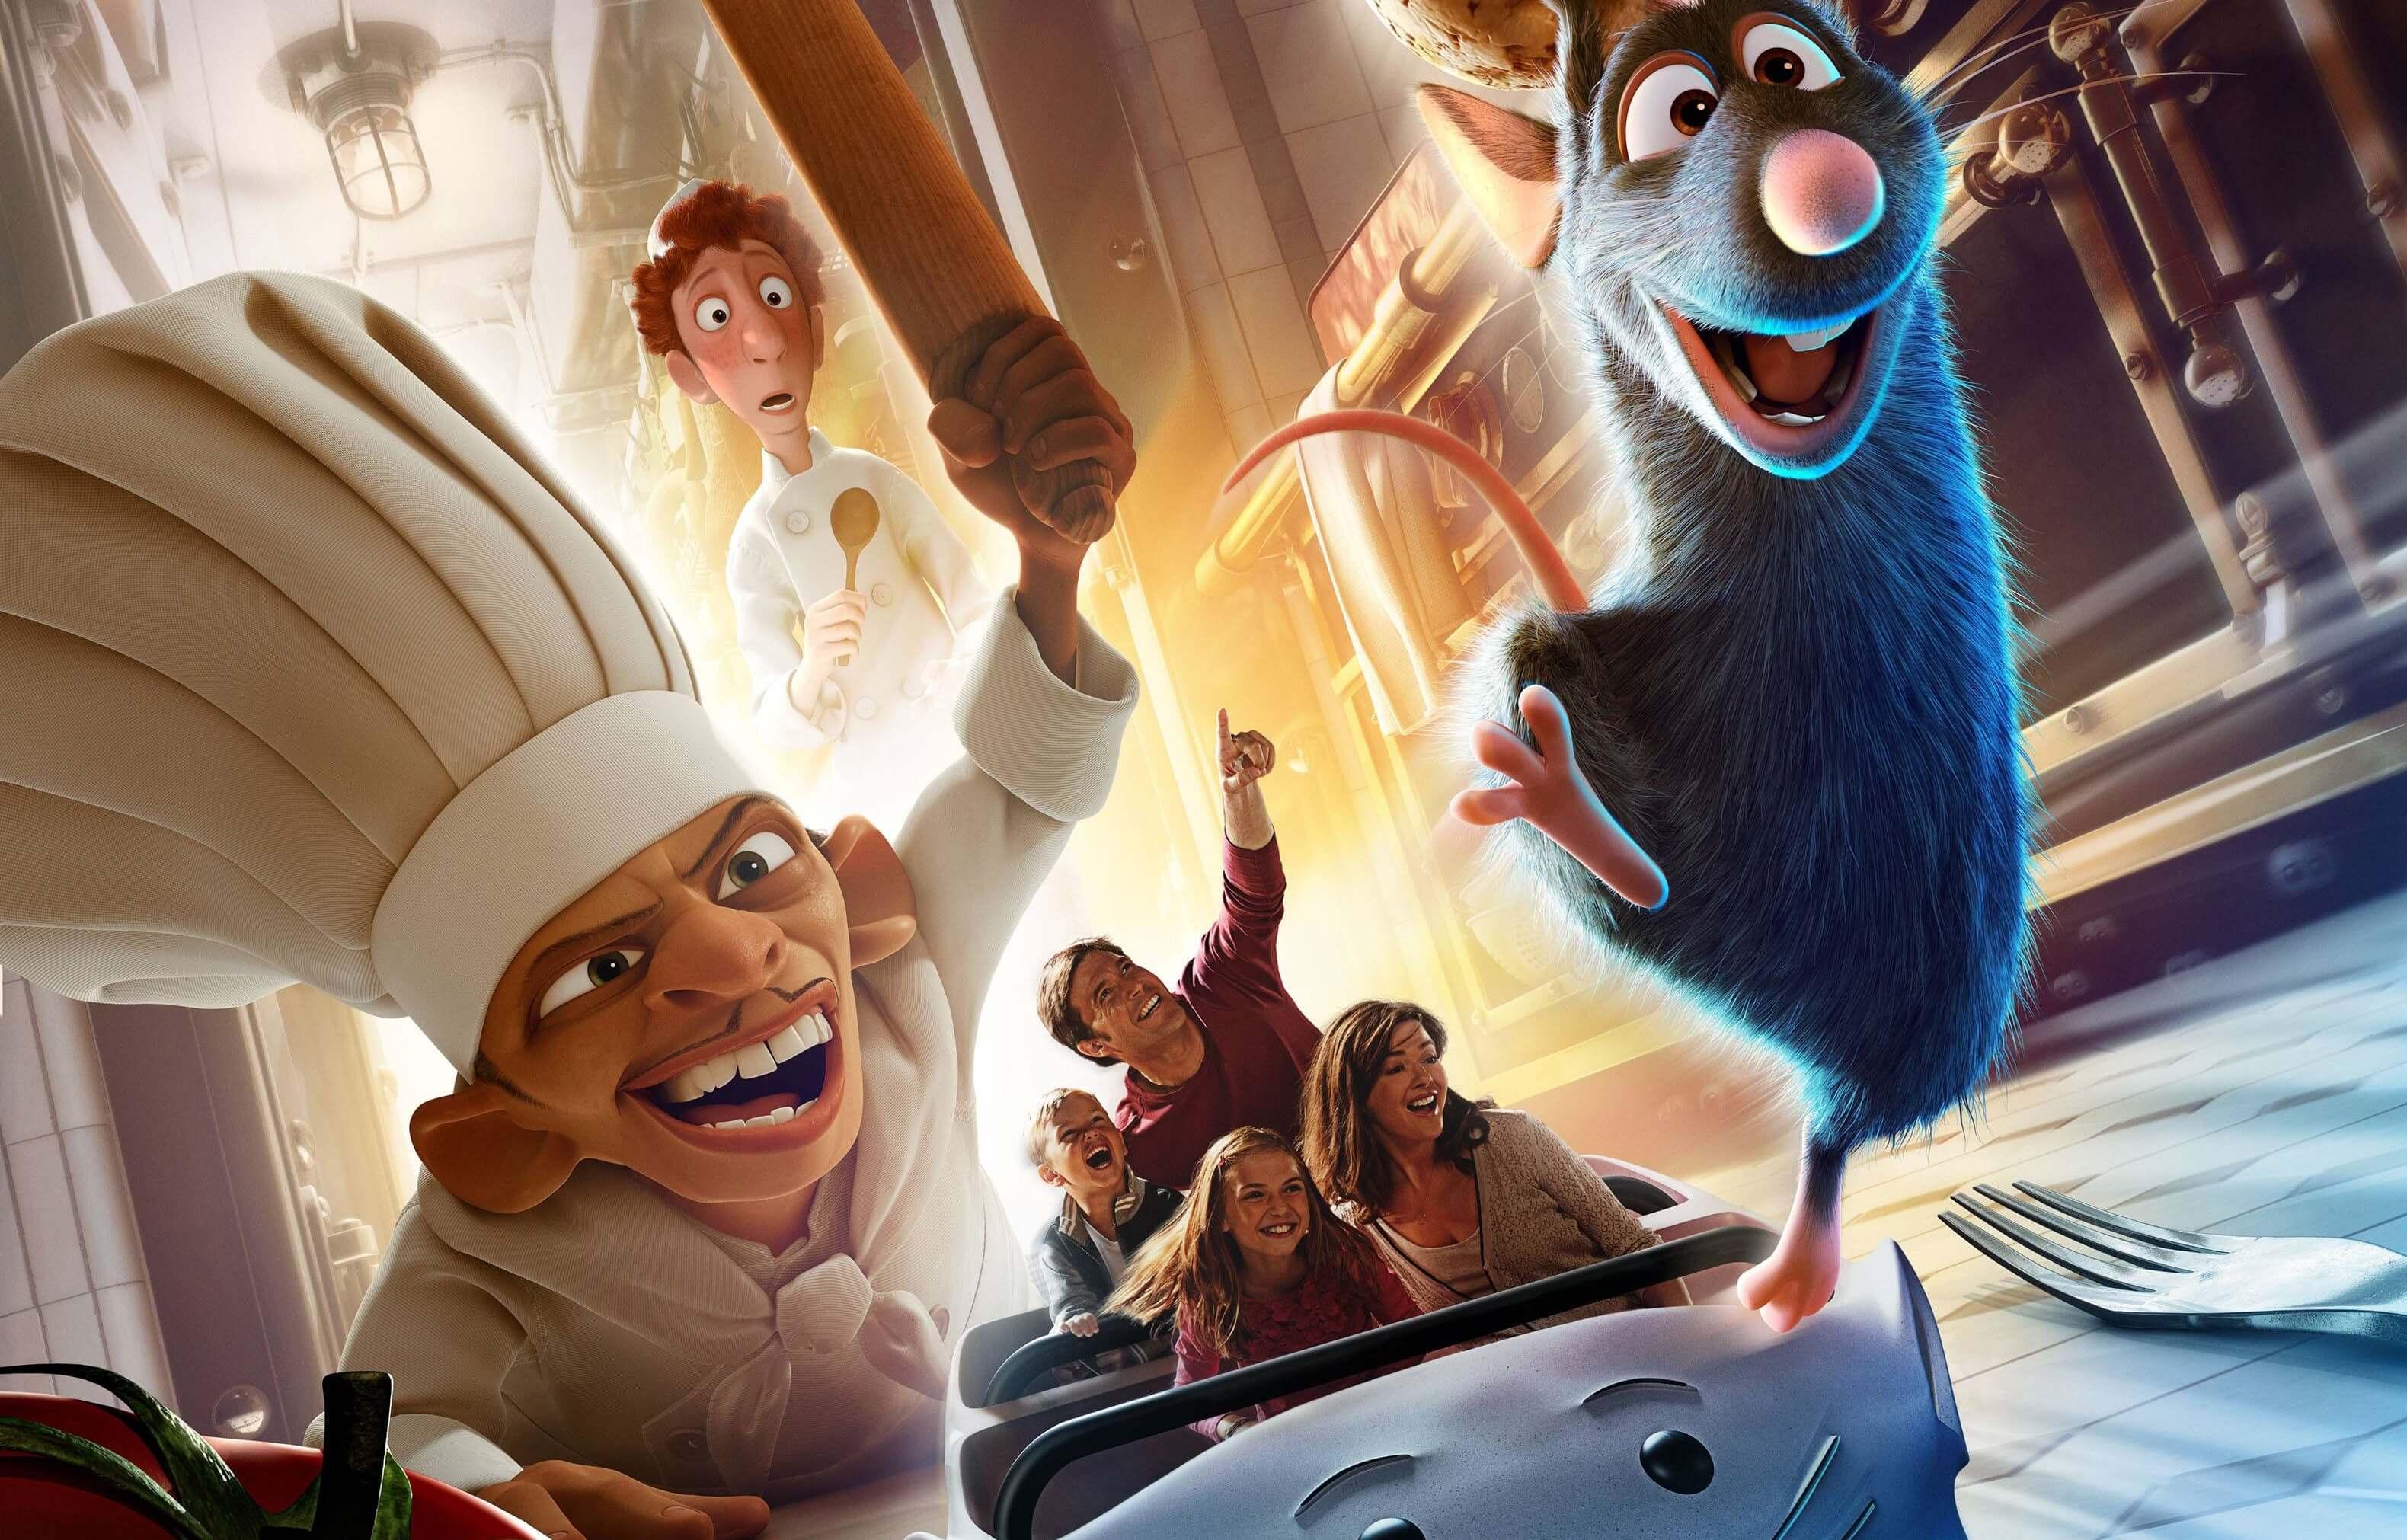 Novidades em Orlando em 2020: Remy's Ratatouille Adventure no Epcot